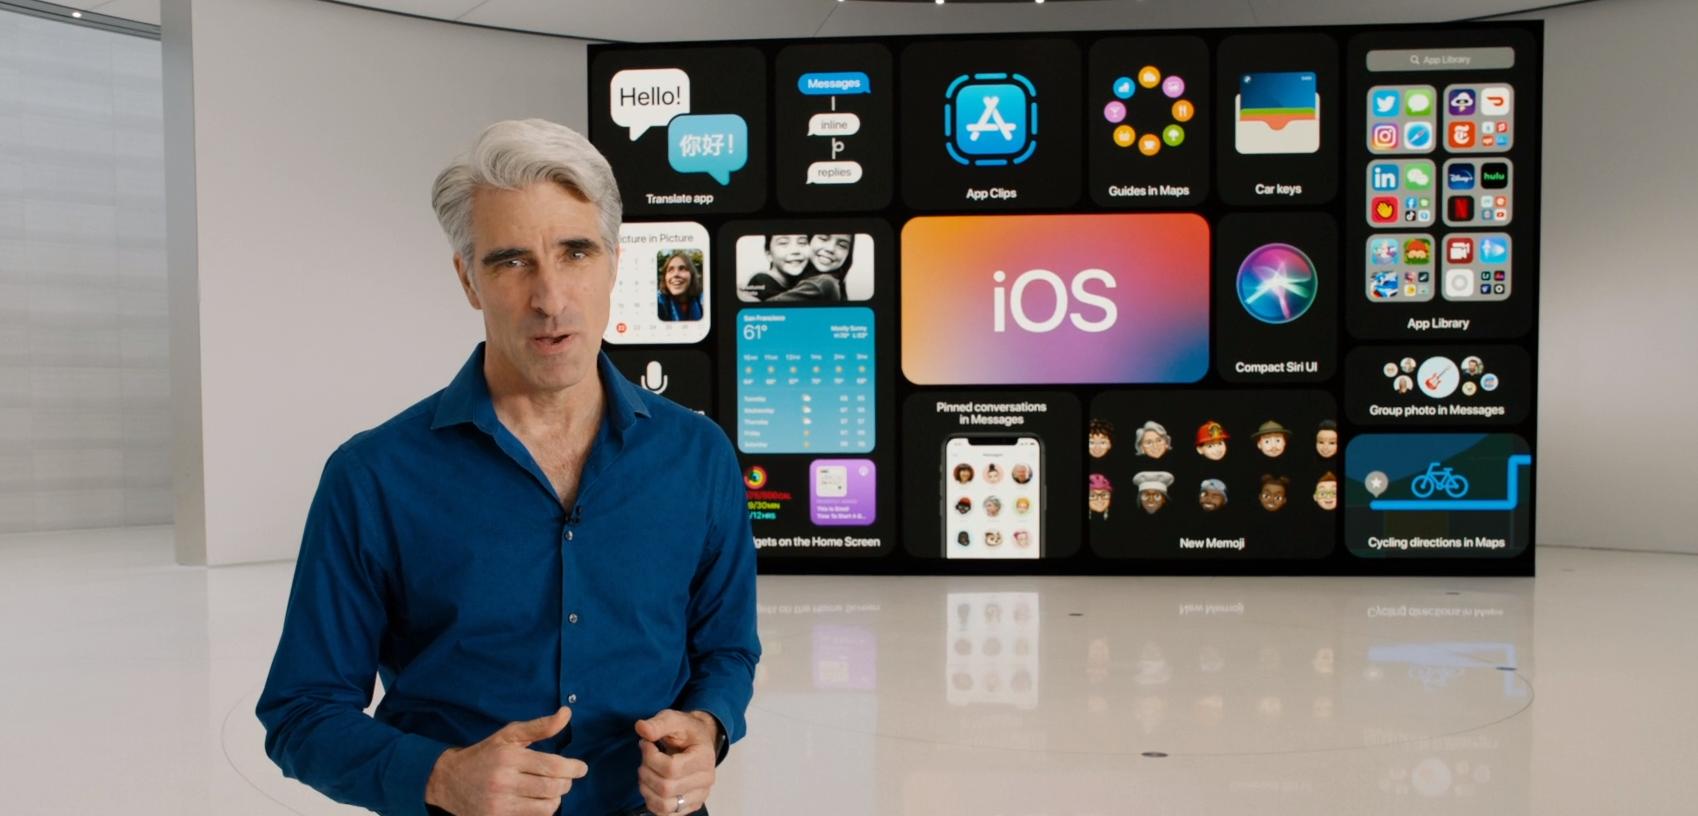 Apples Craig Federighi viste frem nyheter for iOS 14 og iPhone under en skjermpresentasjon fra årets WWDC.